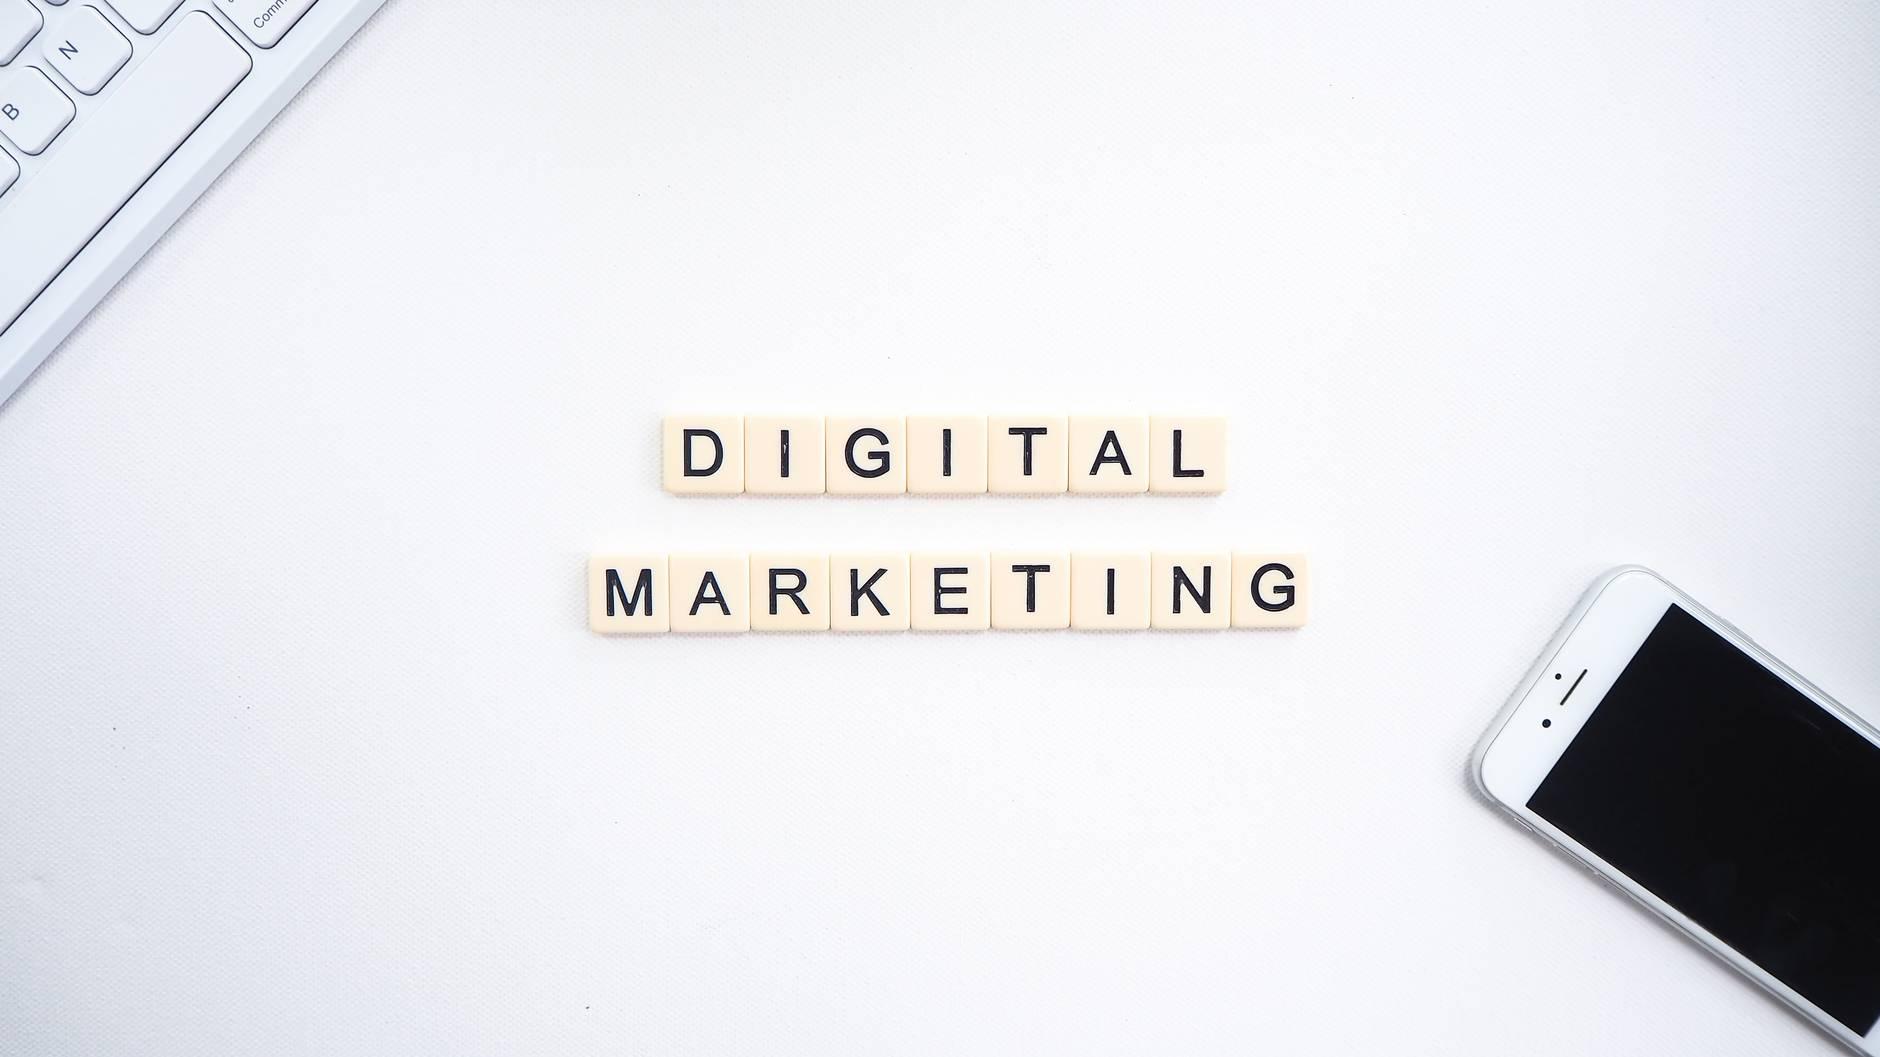 scrabble letters spelling digital marketing